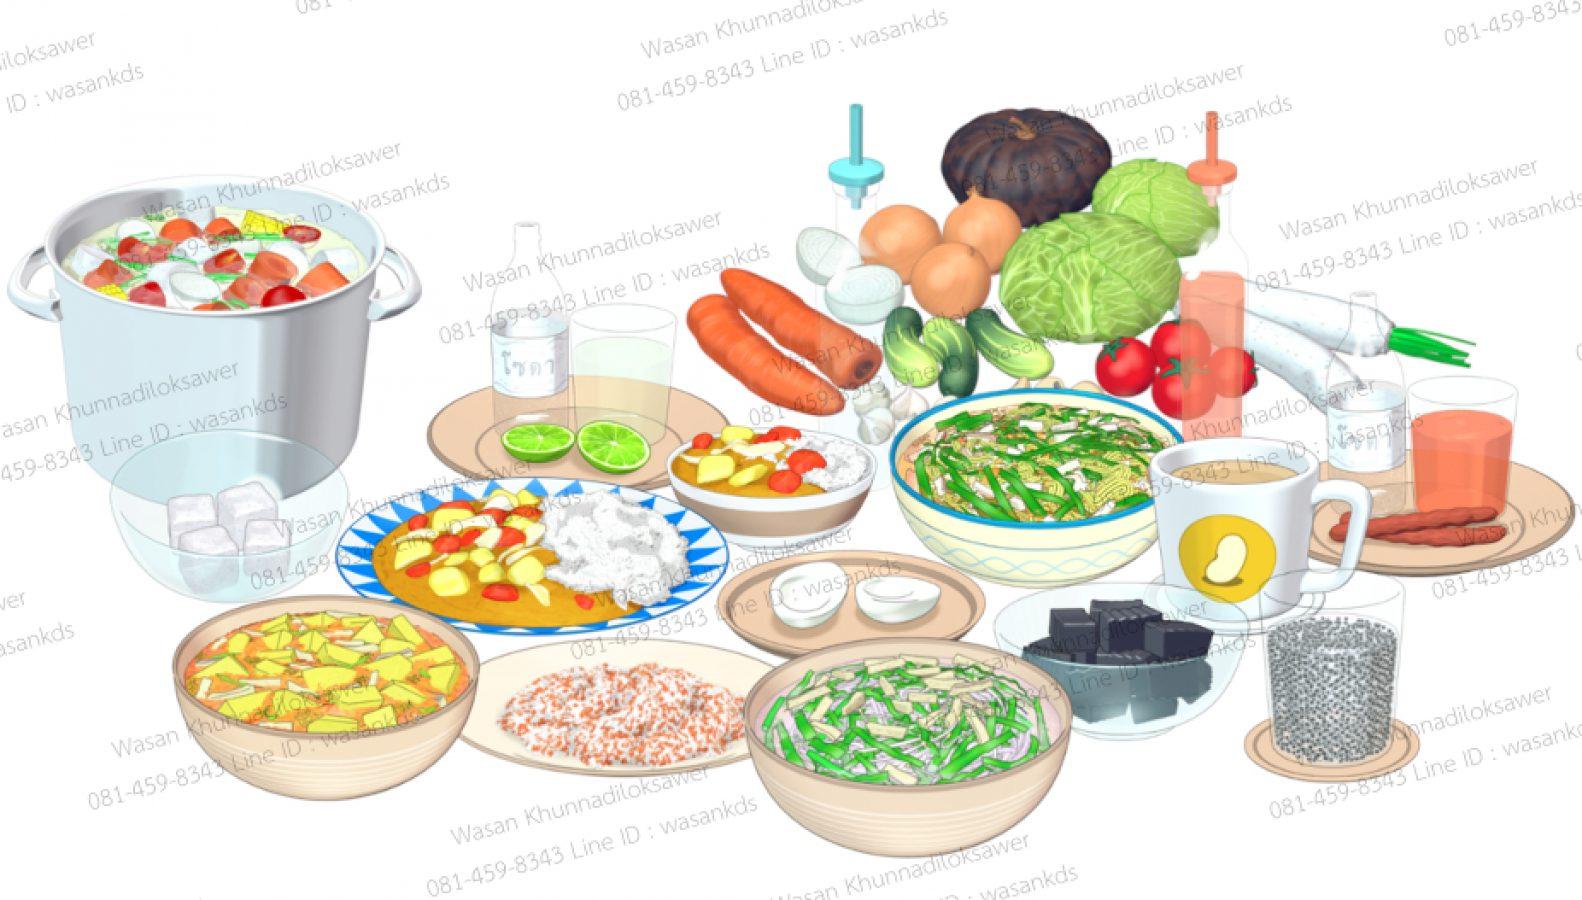 FoodMany_FinS80p